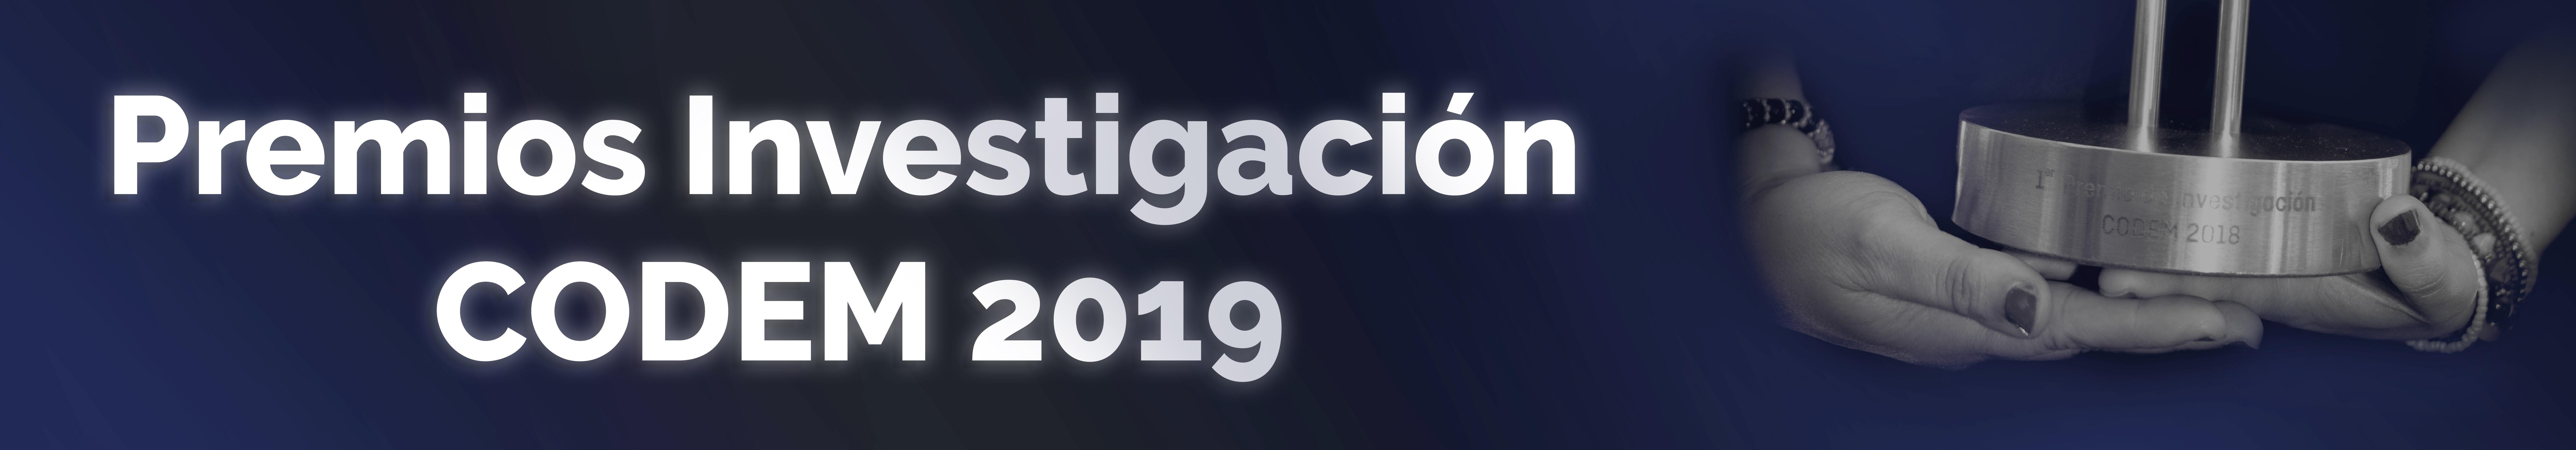 Calendario Laboral Madrid Capital 2019 Boe Más Arriba-a-fecha Inicio Codem Ilustre Colegio Icial De Enfermera De Madrid